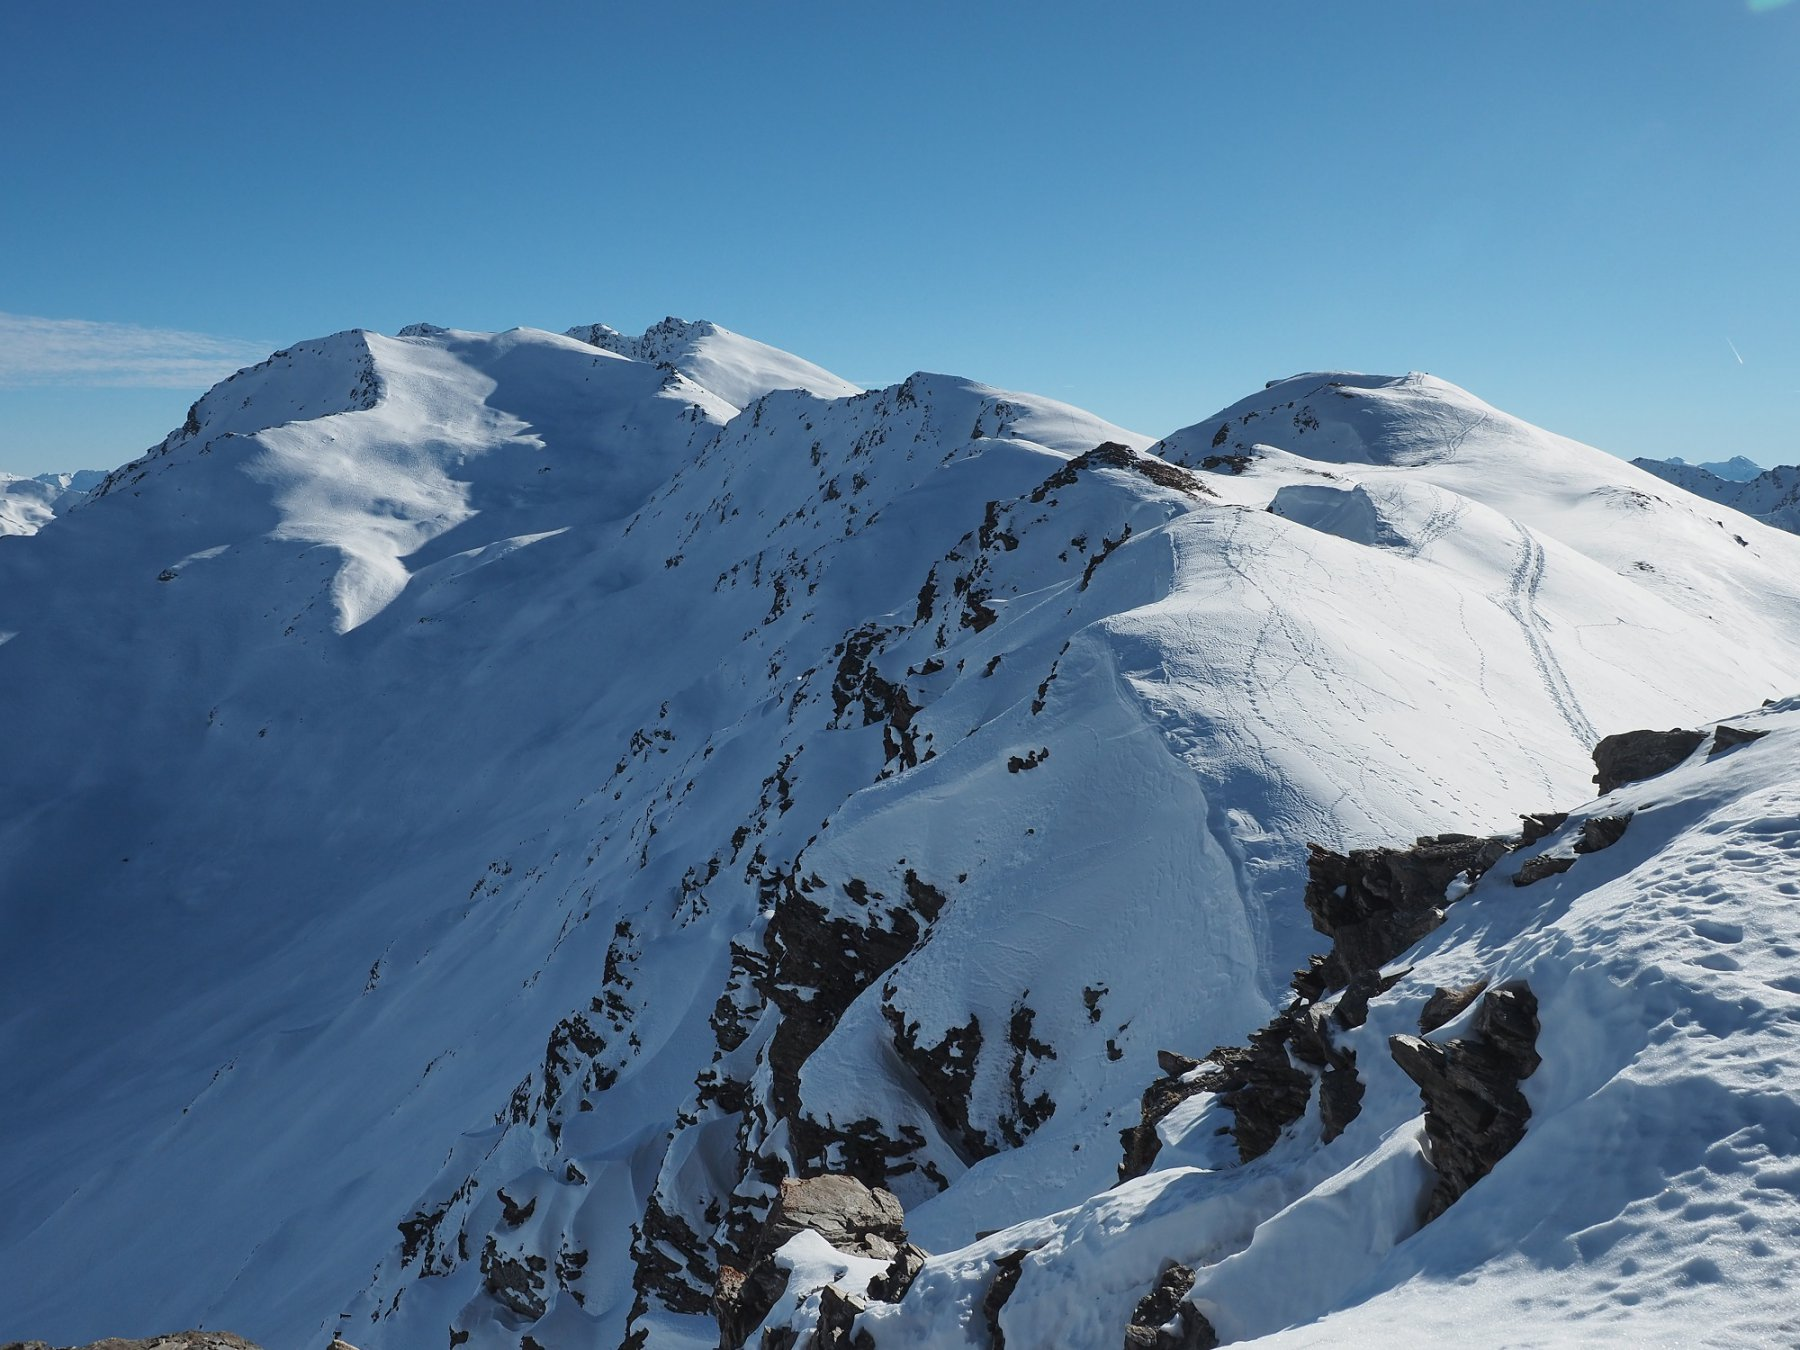 Uno sguardo dall'anticima verso il monte Terra Nera e la vera cima Dormillouse